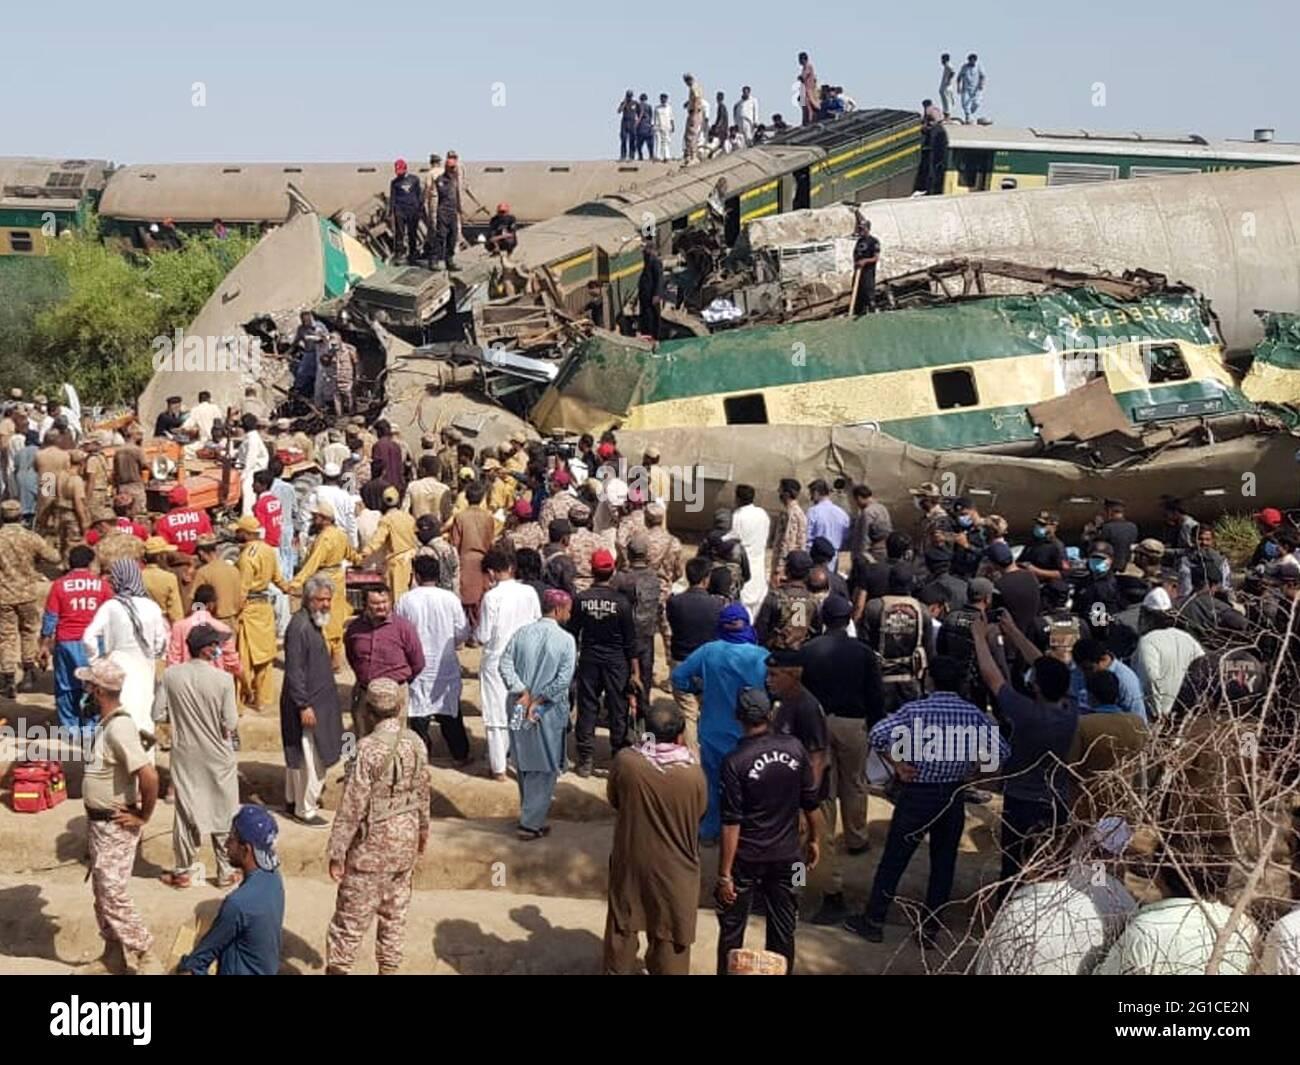 Ghotki. 7 Giugno 2021. Foto scattata con il telefono cellulare mostra le persone che si riuniscono nel sito di collisione del treno nel distretto di Ghotki della provincia meridionale del Pakistan di Sindh il 7 giugno 2021. Il bilancio delle vittime di una collisione frontale tra due treni passeggeri nella provincia meridionale del Pakistan Sindh è aumentato a 36 lunedì mattina con oltre 50 feriti, hanno detto i media locali e i funzionari. Credit: Sr/Xinhua/Alamy Live News Foto Stock